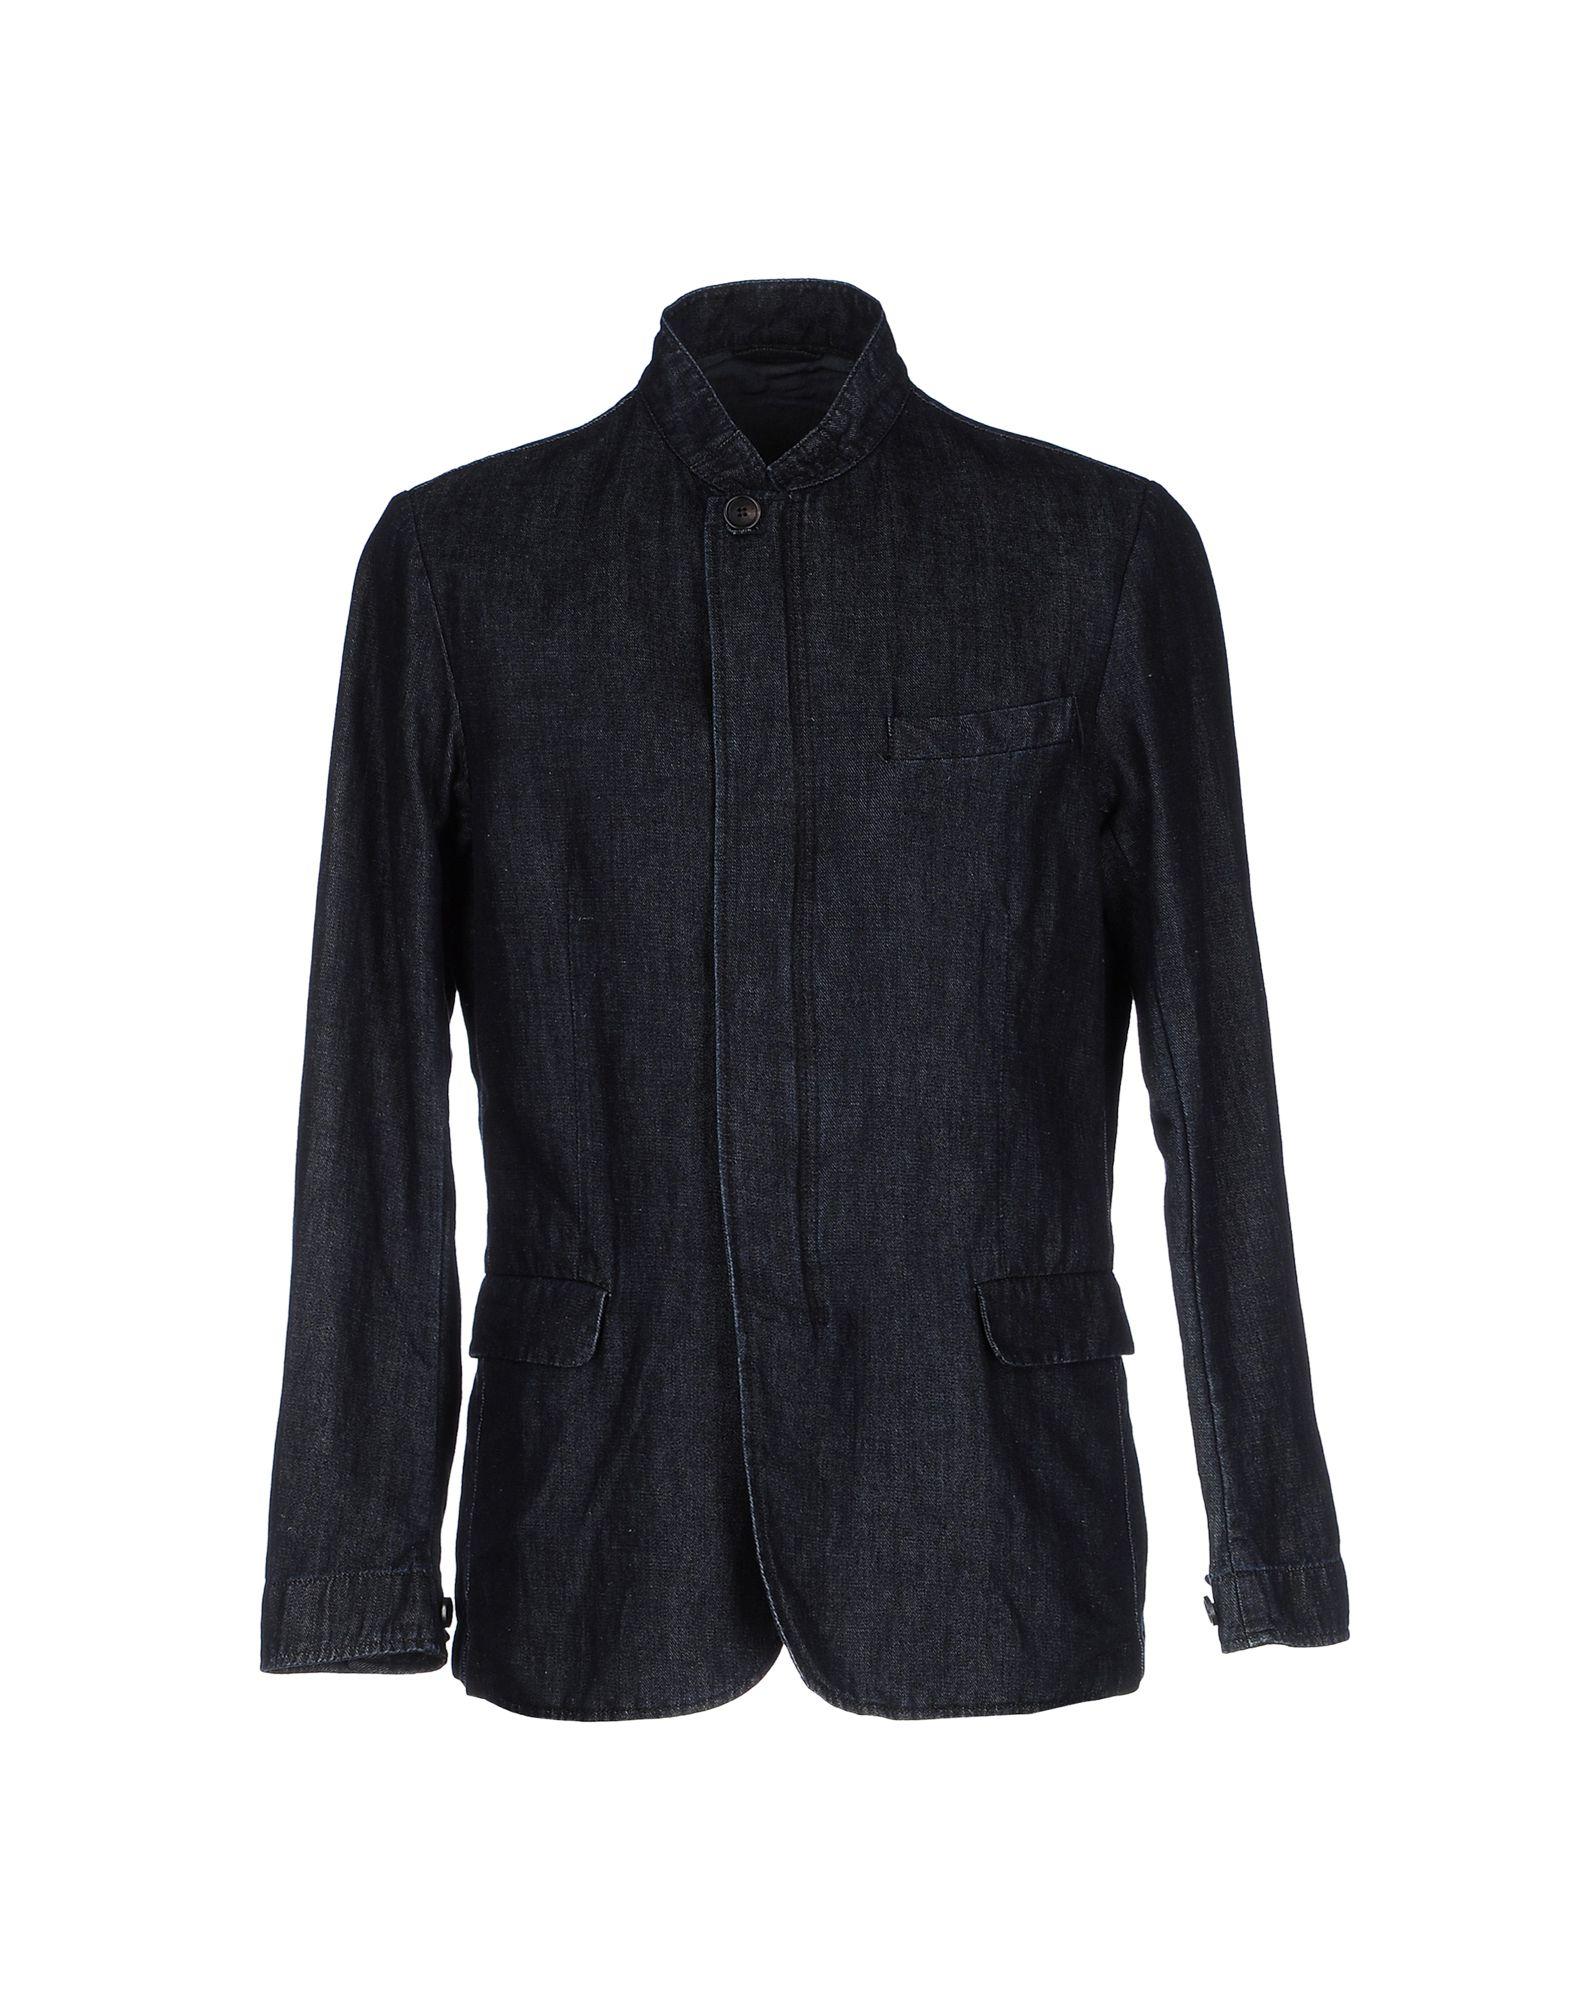 купить ARMANI JEANS Джинсовая верхняя одежда по цене 18500 рублей